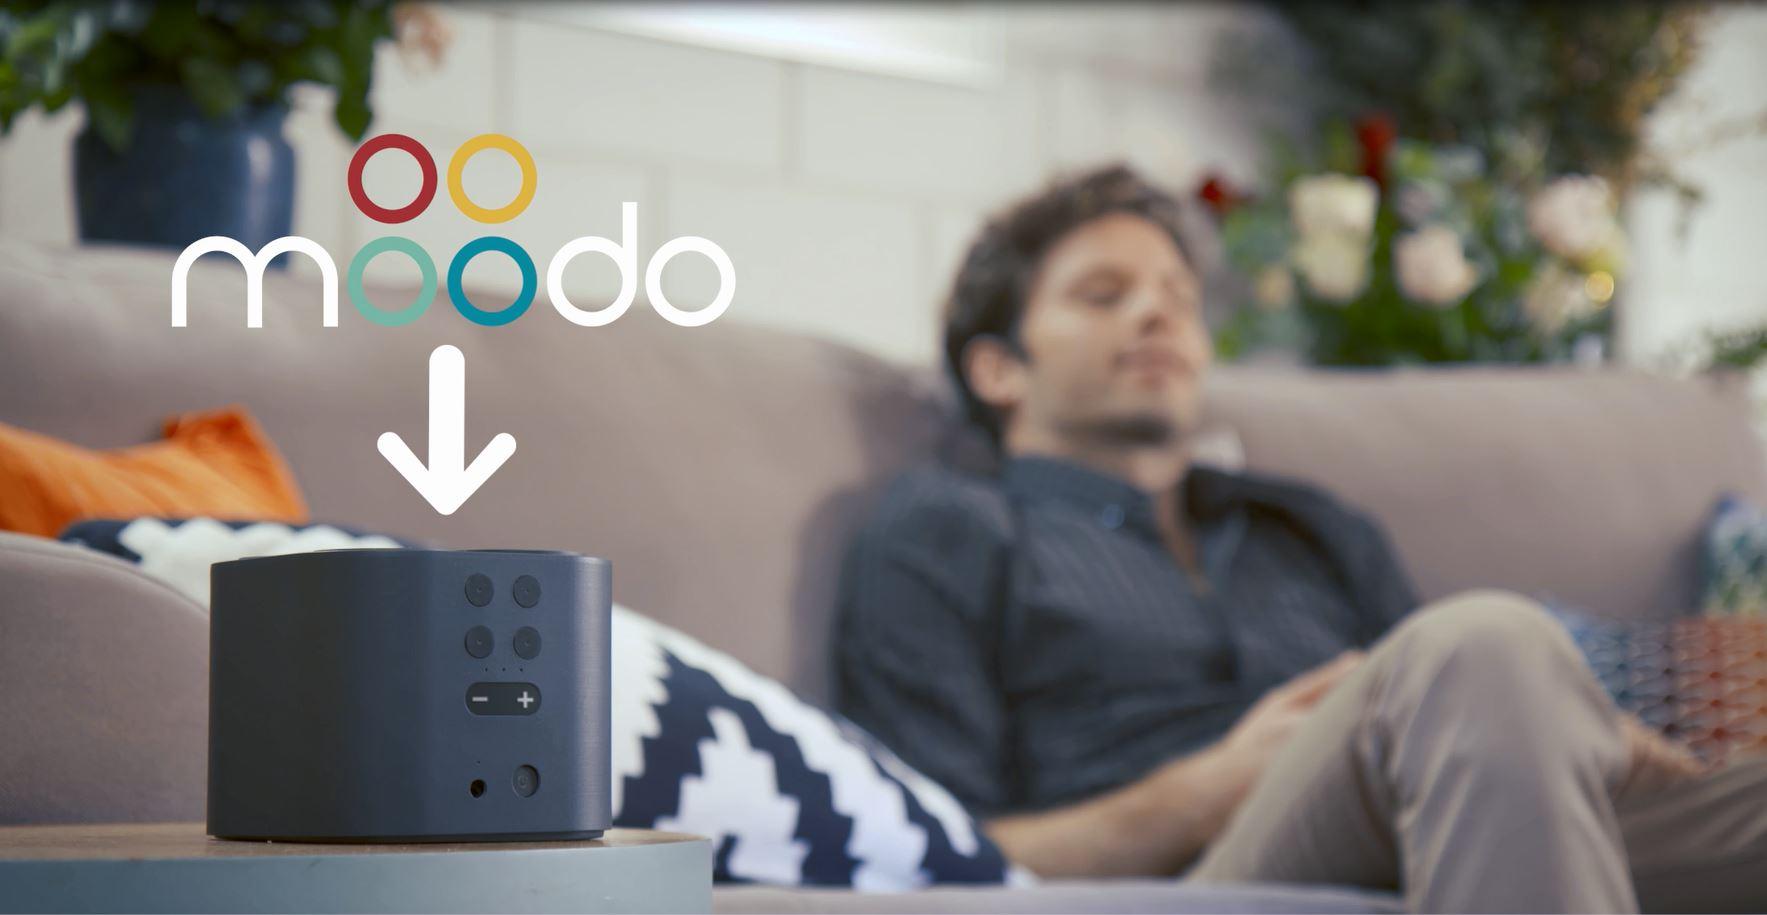 Moodo معطر هواء ذكي يتيح إختيار العطر المفضل عن طريق الهاتف